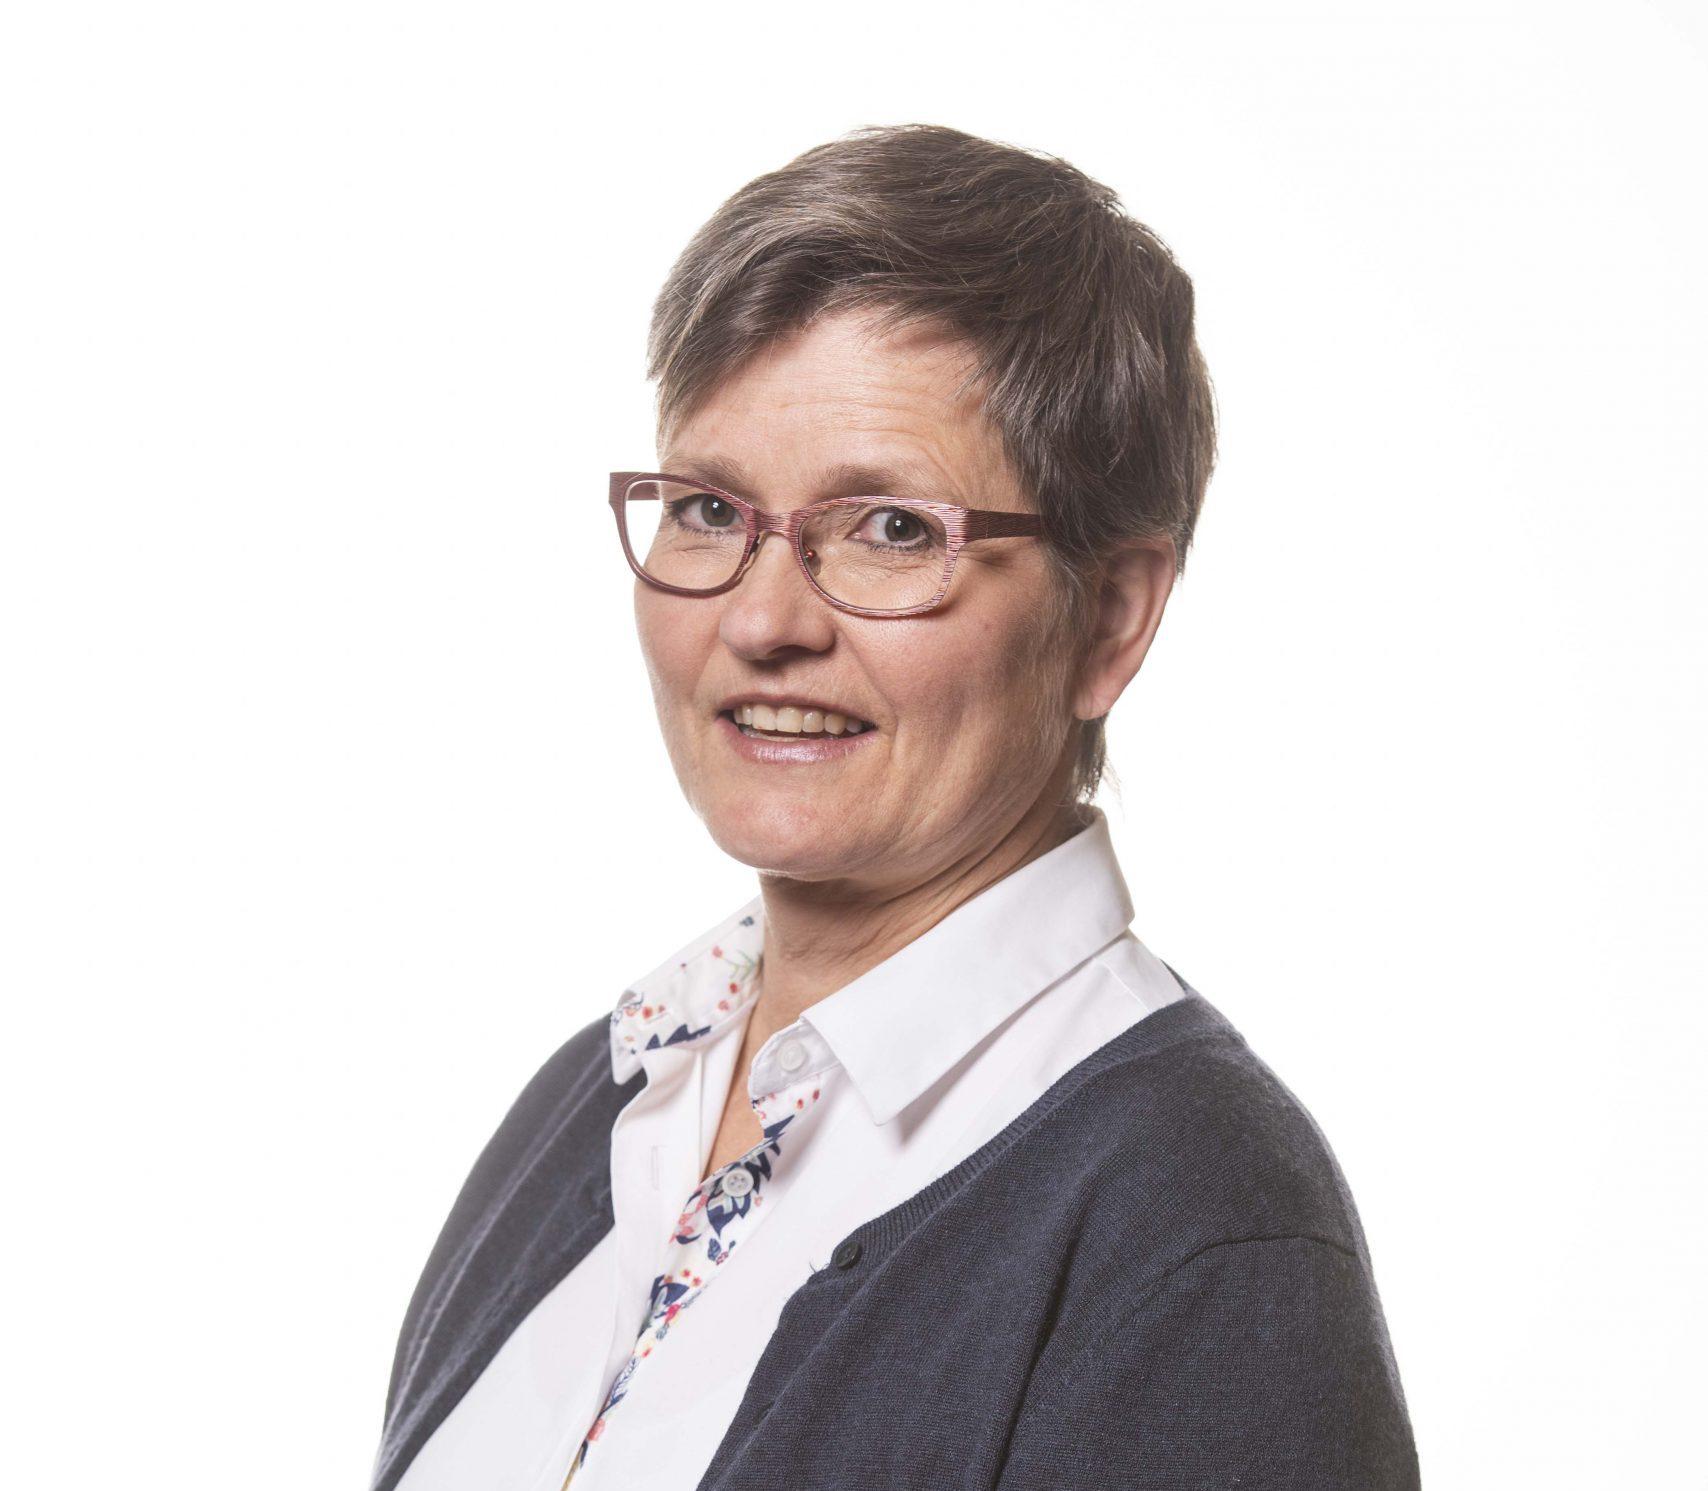 JudithPoirier